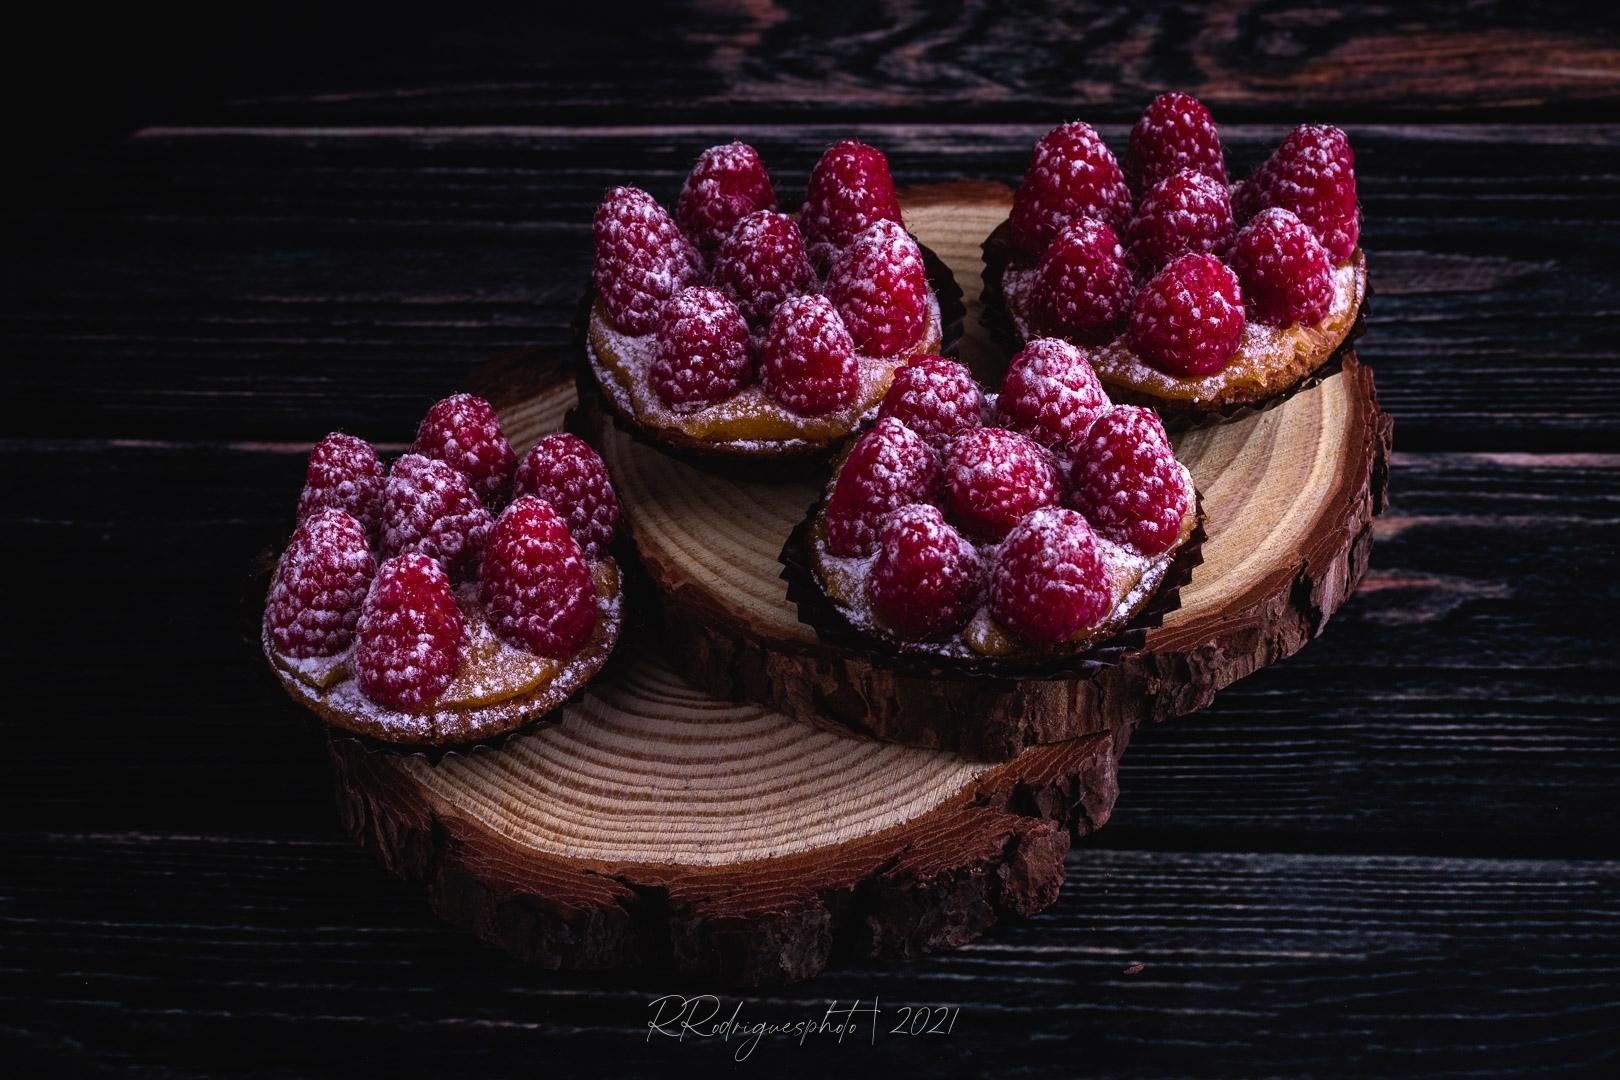 Gastronomia/Bolo de Framboesa